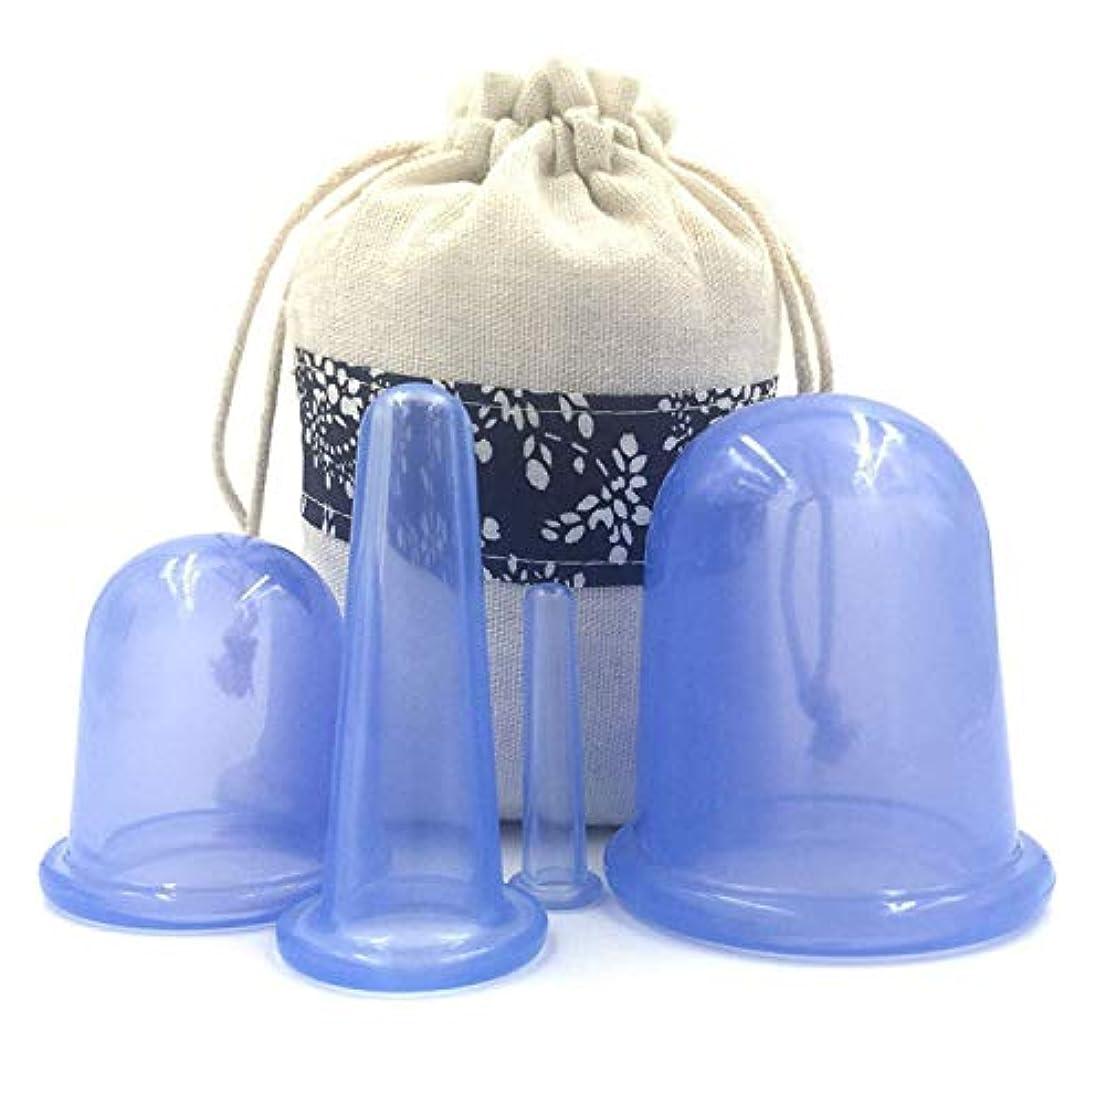 外向き損なうキャンセルセルライトカッピング療法シリコーンカッピングセット家庭用水分カッピングカッピングマッサージカップ